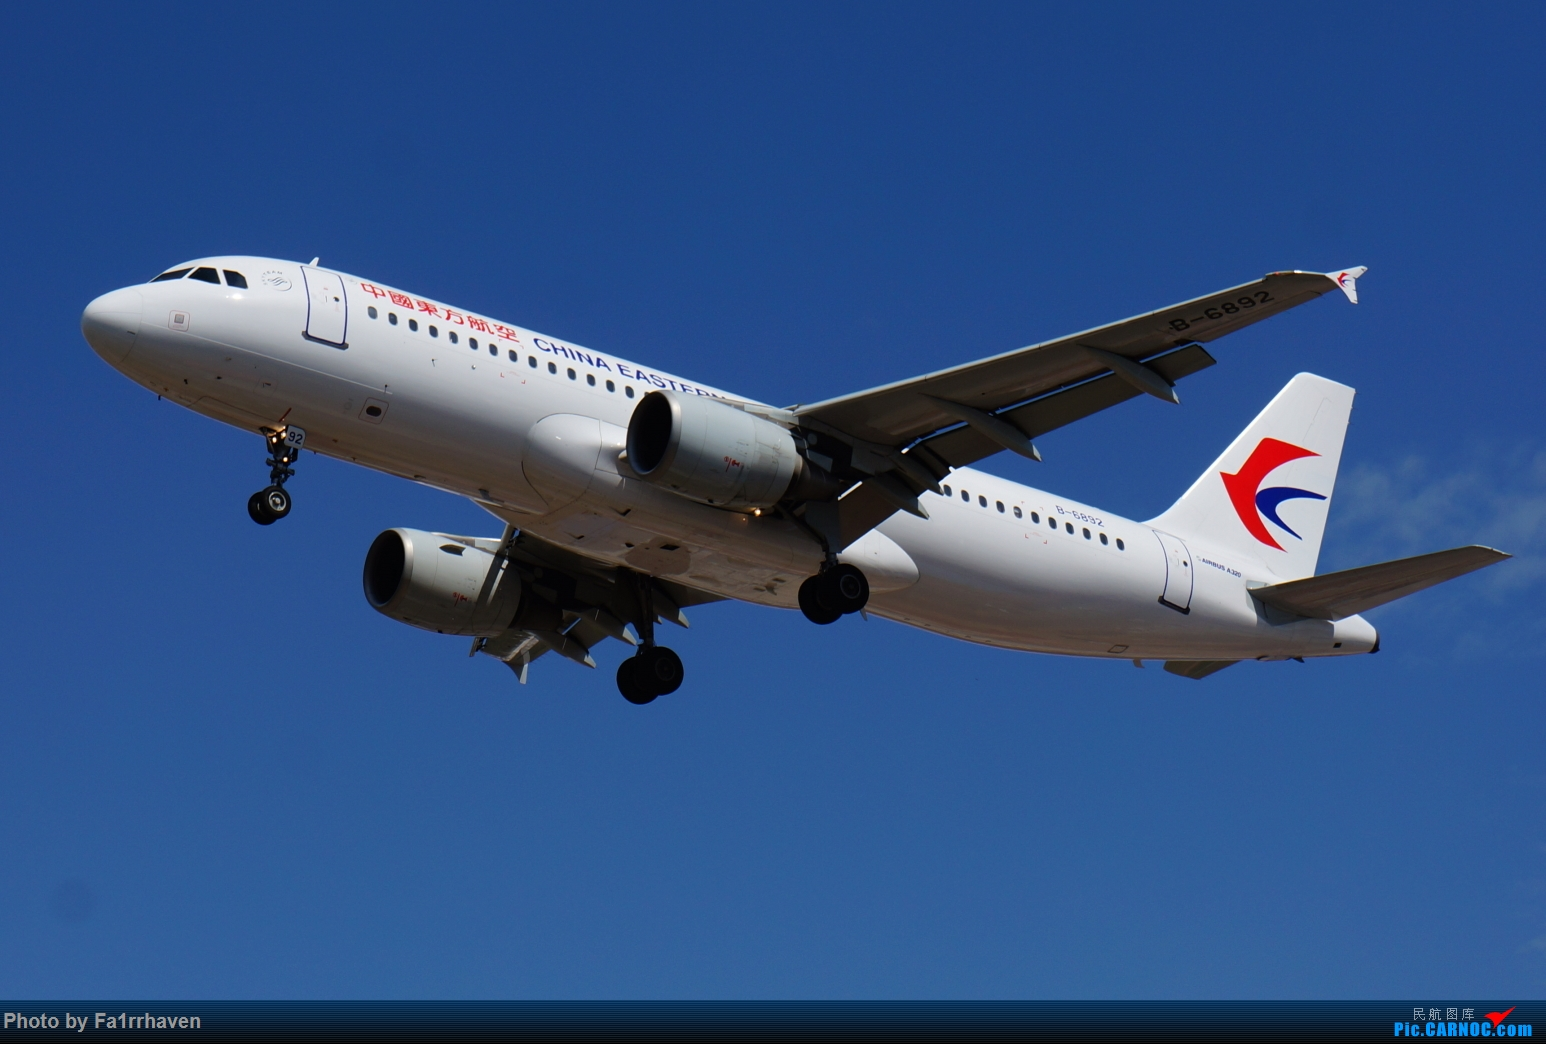 [原创]一图流——东航320 AIRBUS A320-200 B-6892 中国呼和浩特白塔国际机场